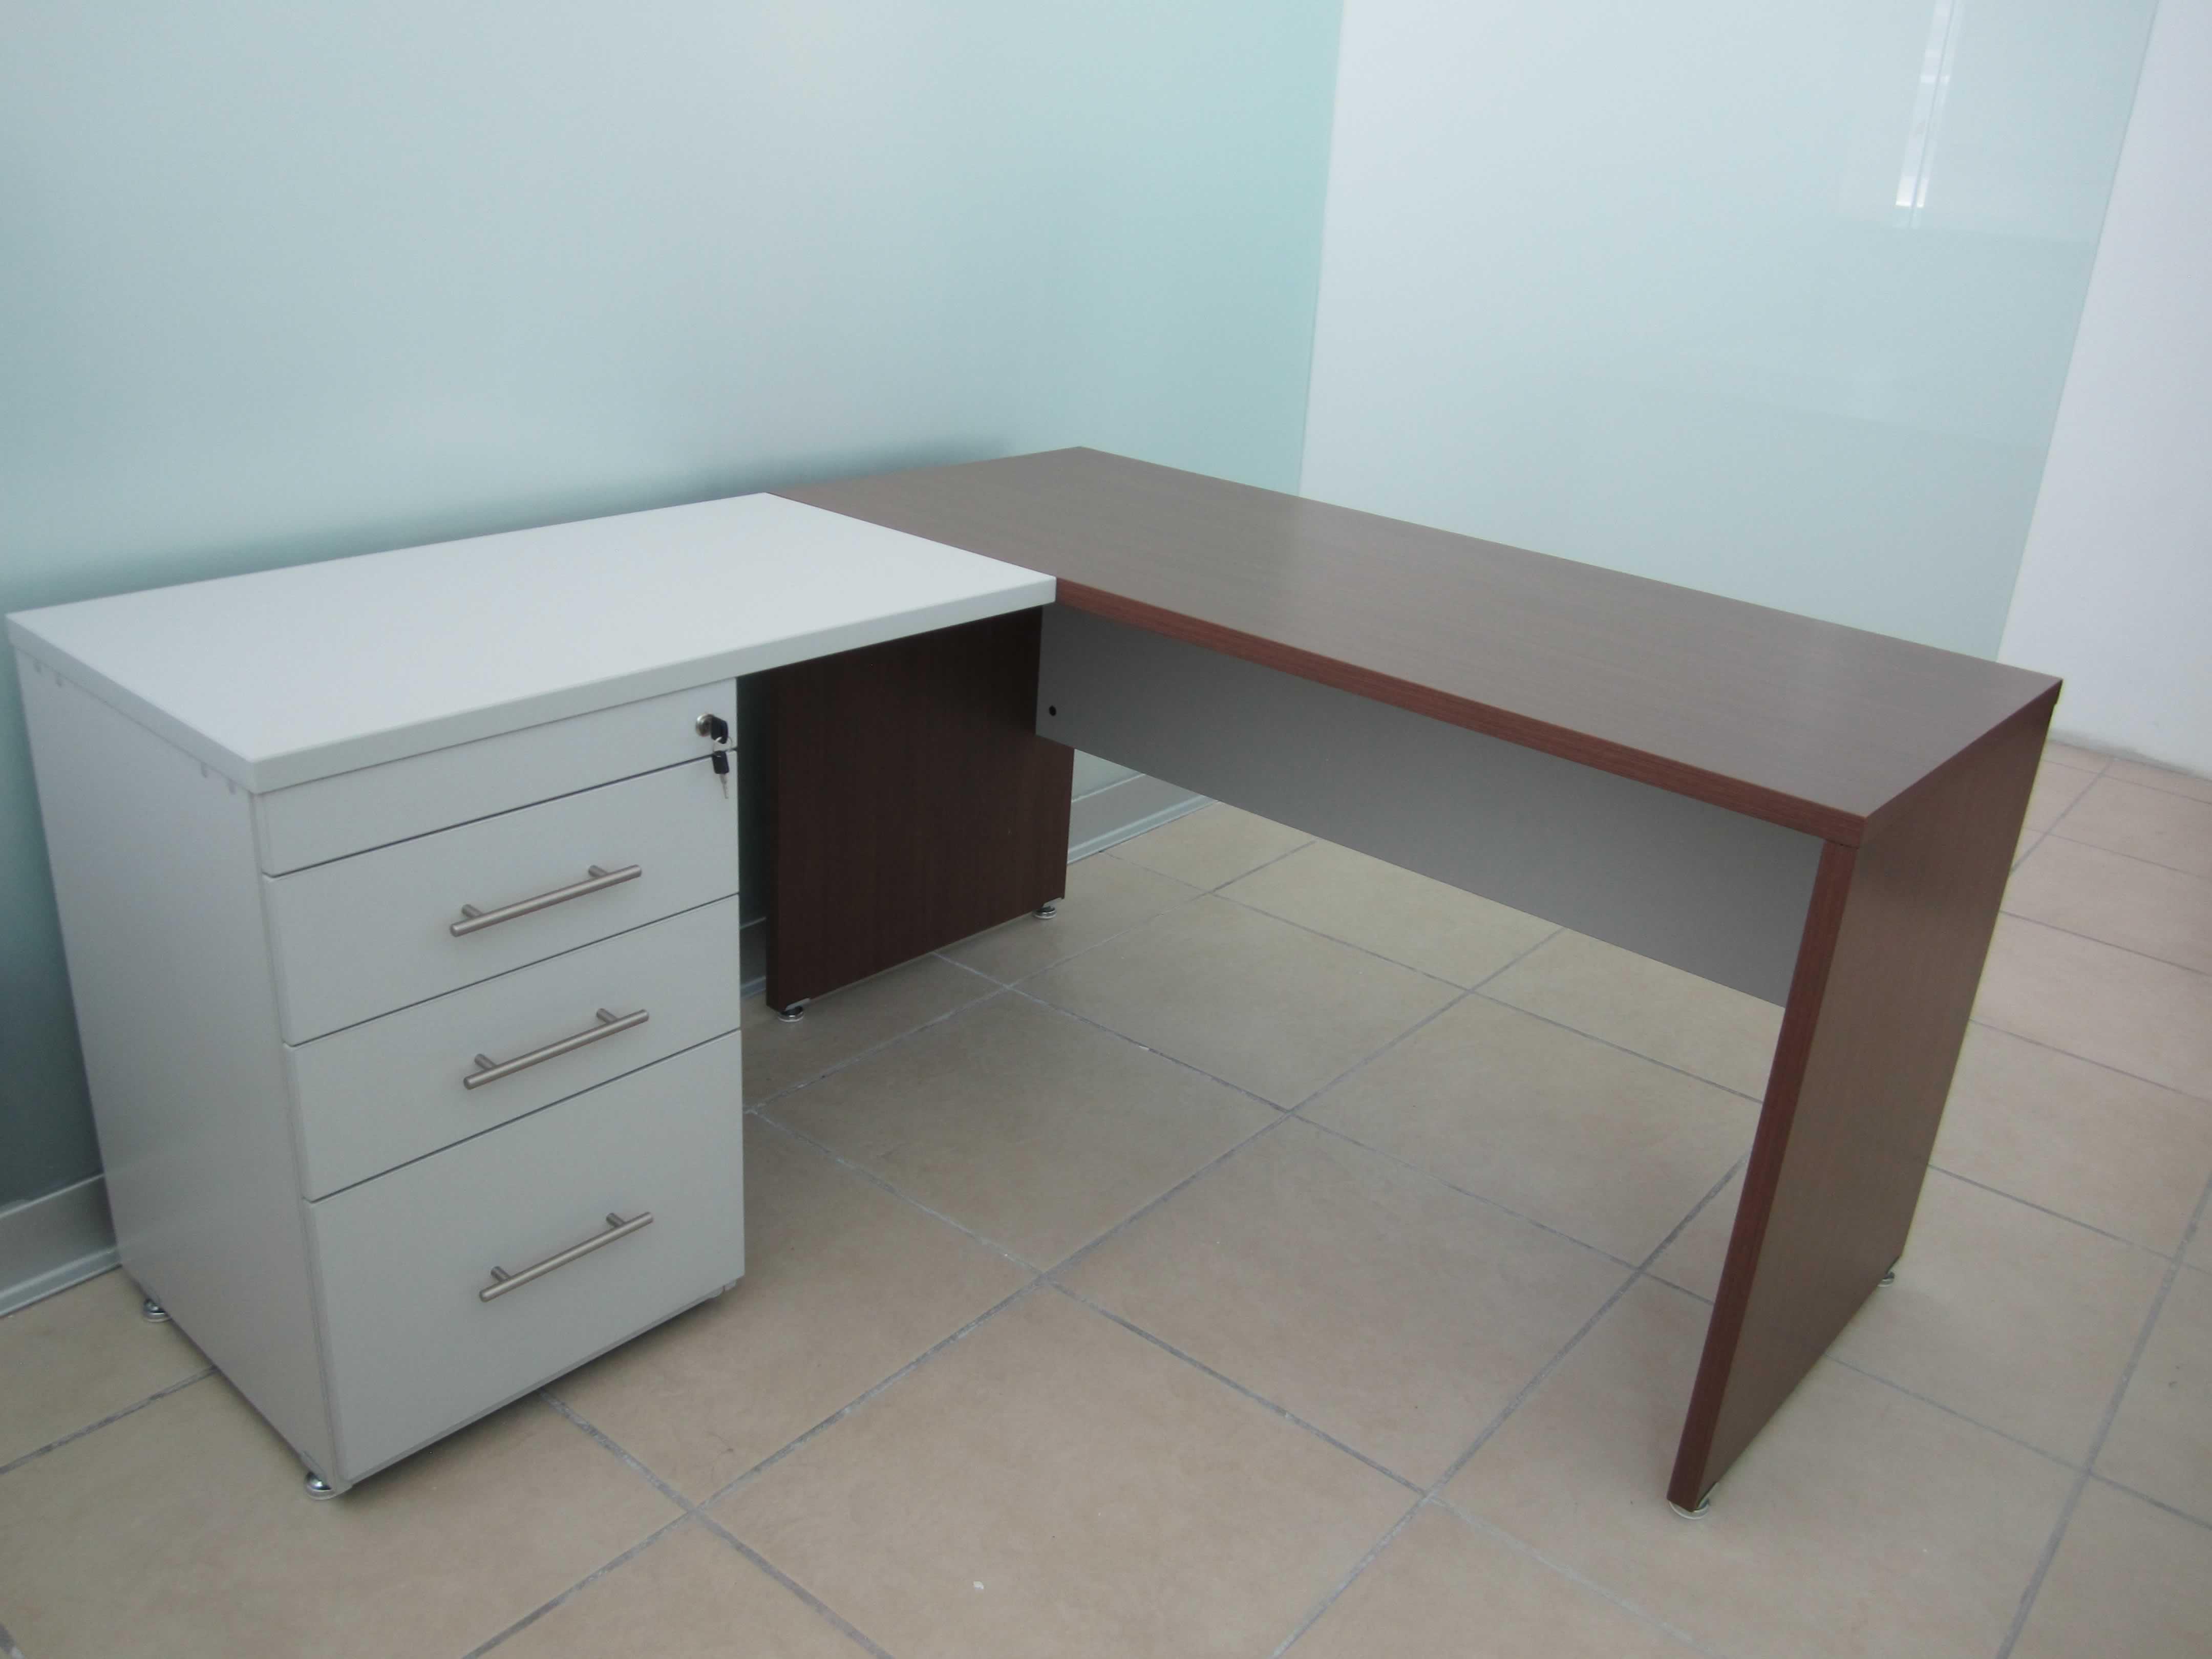 Muebles Y Metalicos # Muebles Cajoneras